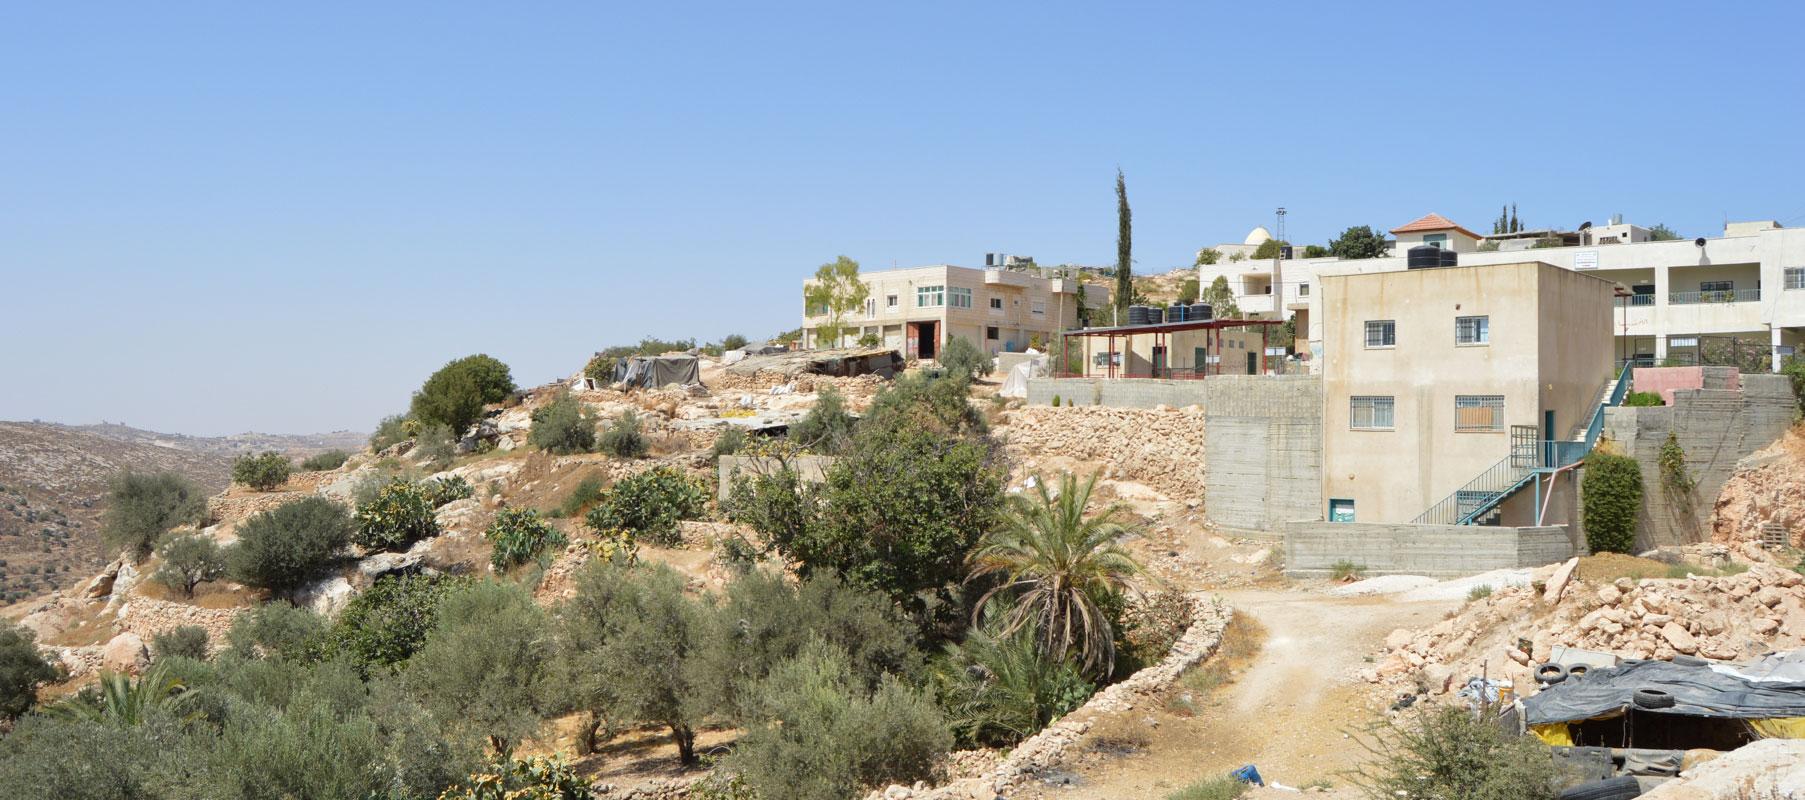 Samua, Palestine